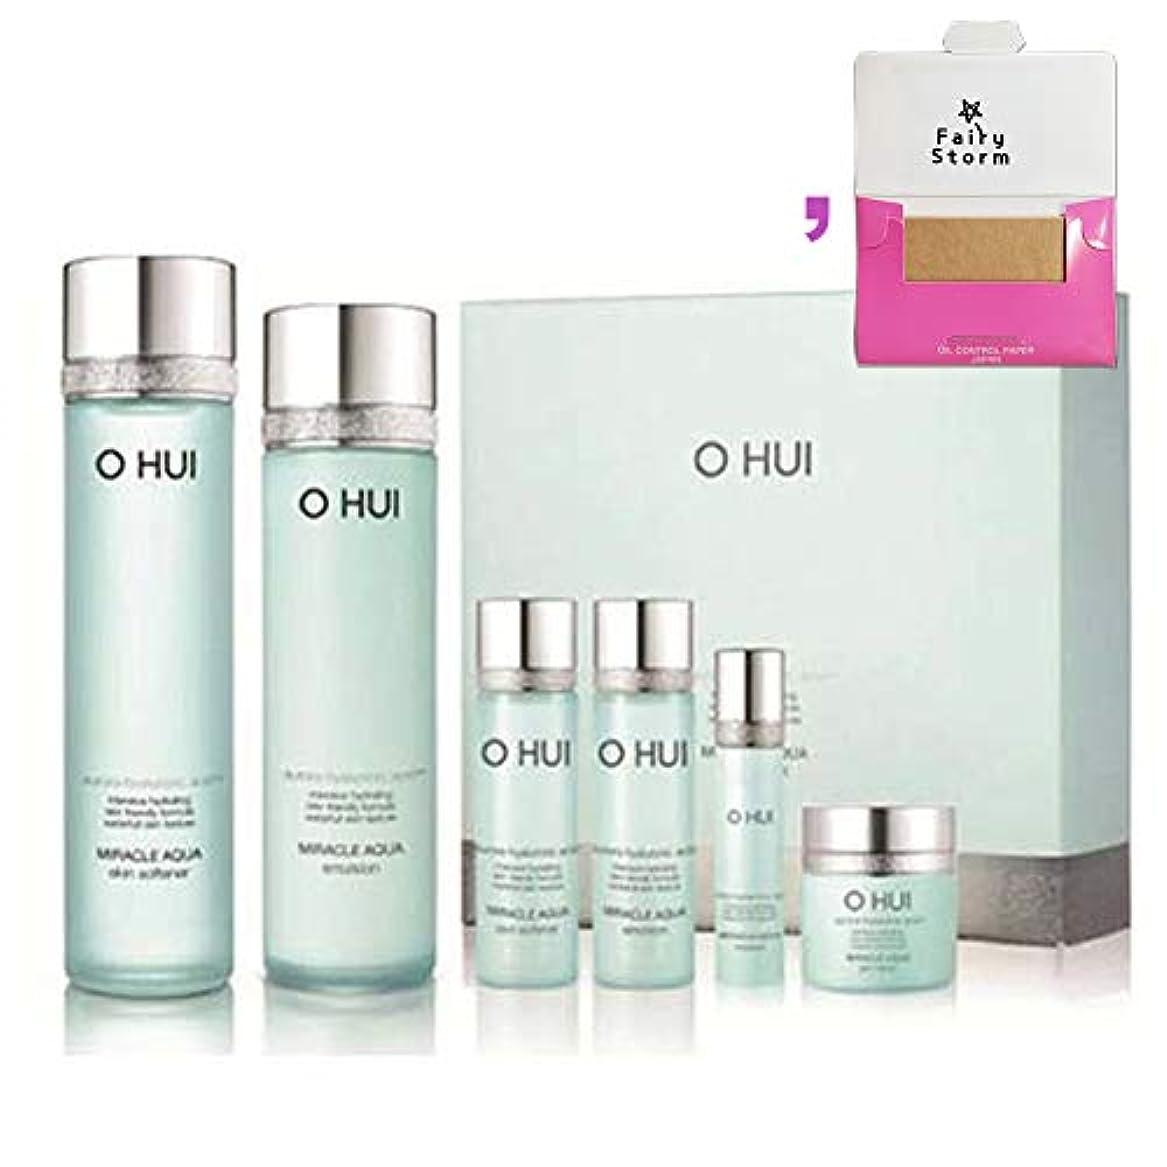 ホスト軽減シンポジウム[オフィ/O HUI]韓国化粧品LG生活健康/O HUI MIRACLE AQUA SPECIAL 2EA SET/ミラクルアクア 2種セット+[Sample Gift](海外直送品)